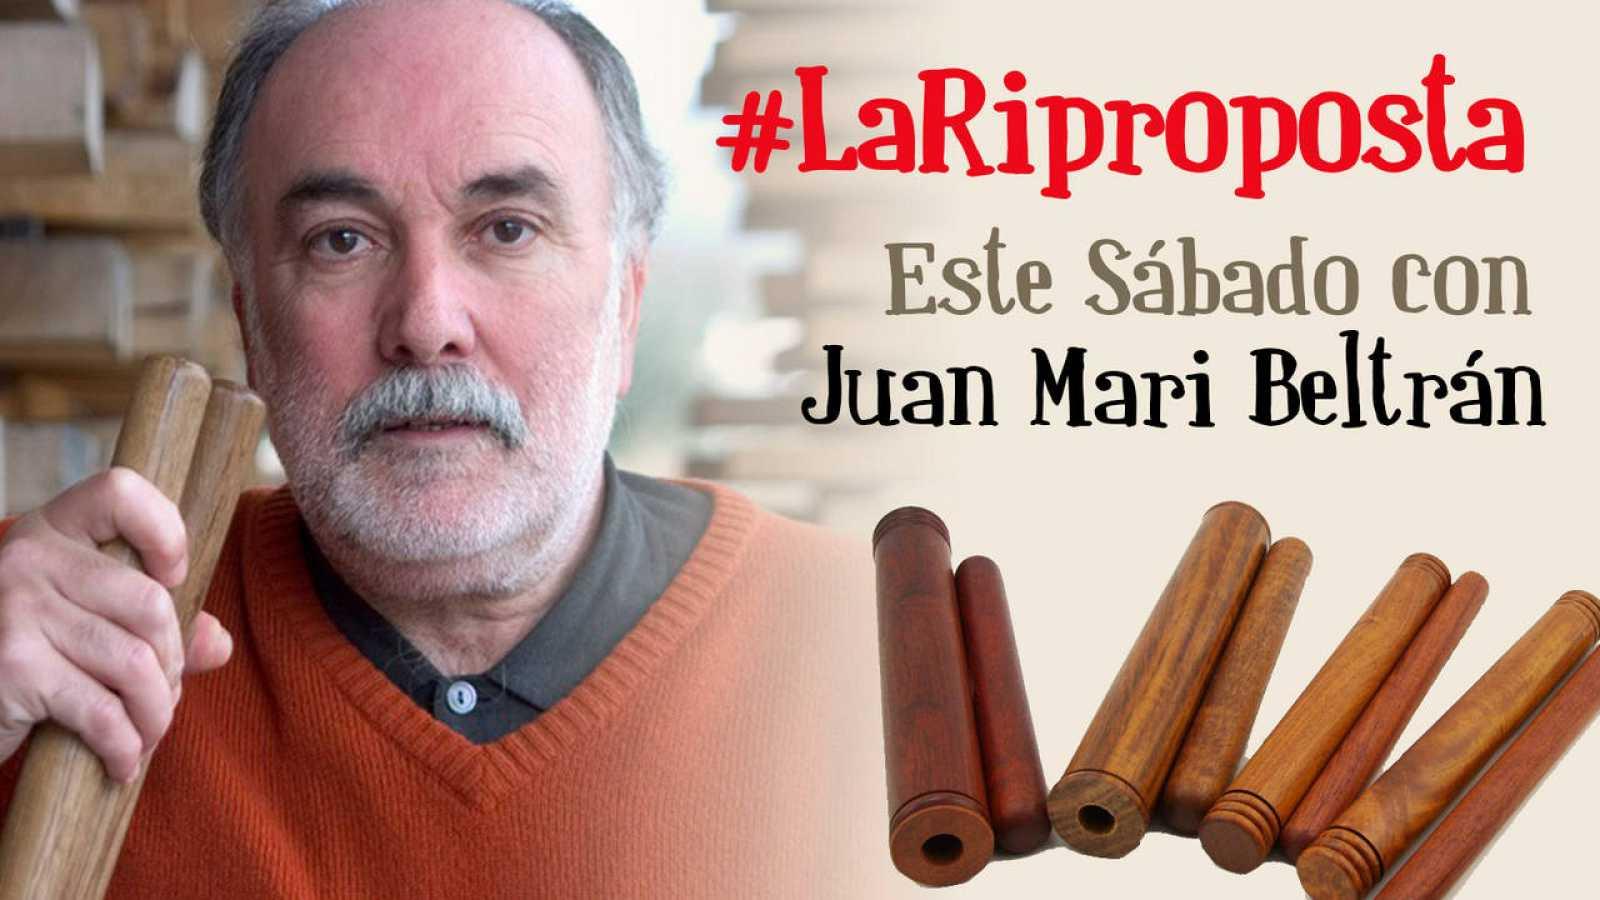 Juan Mari Beltran